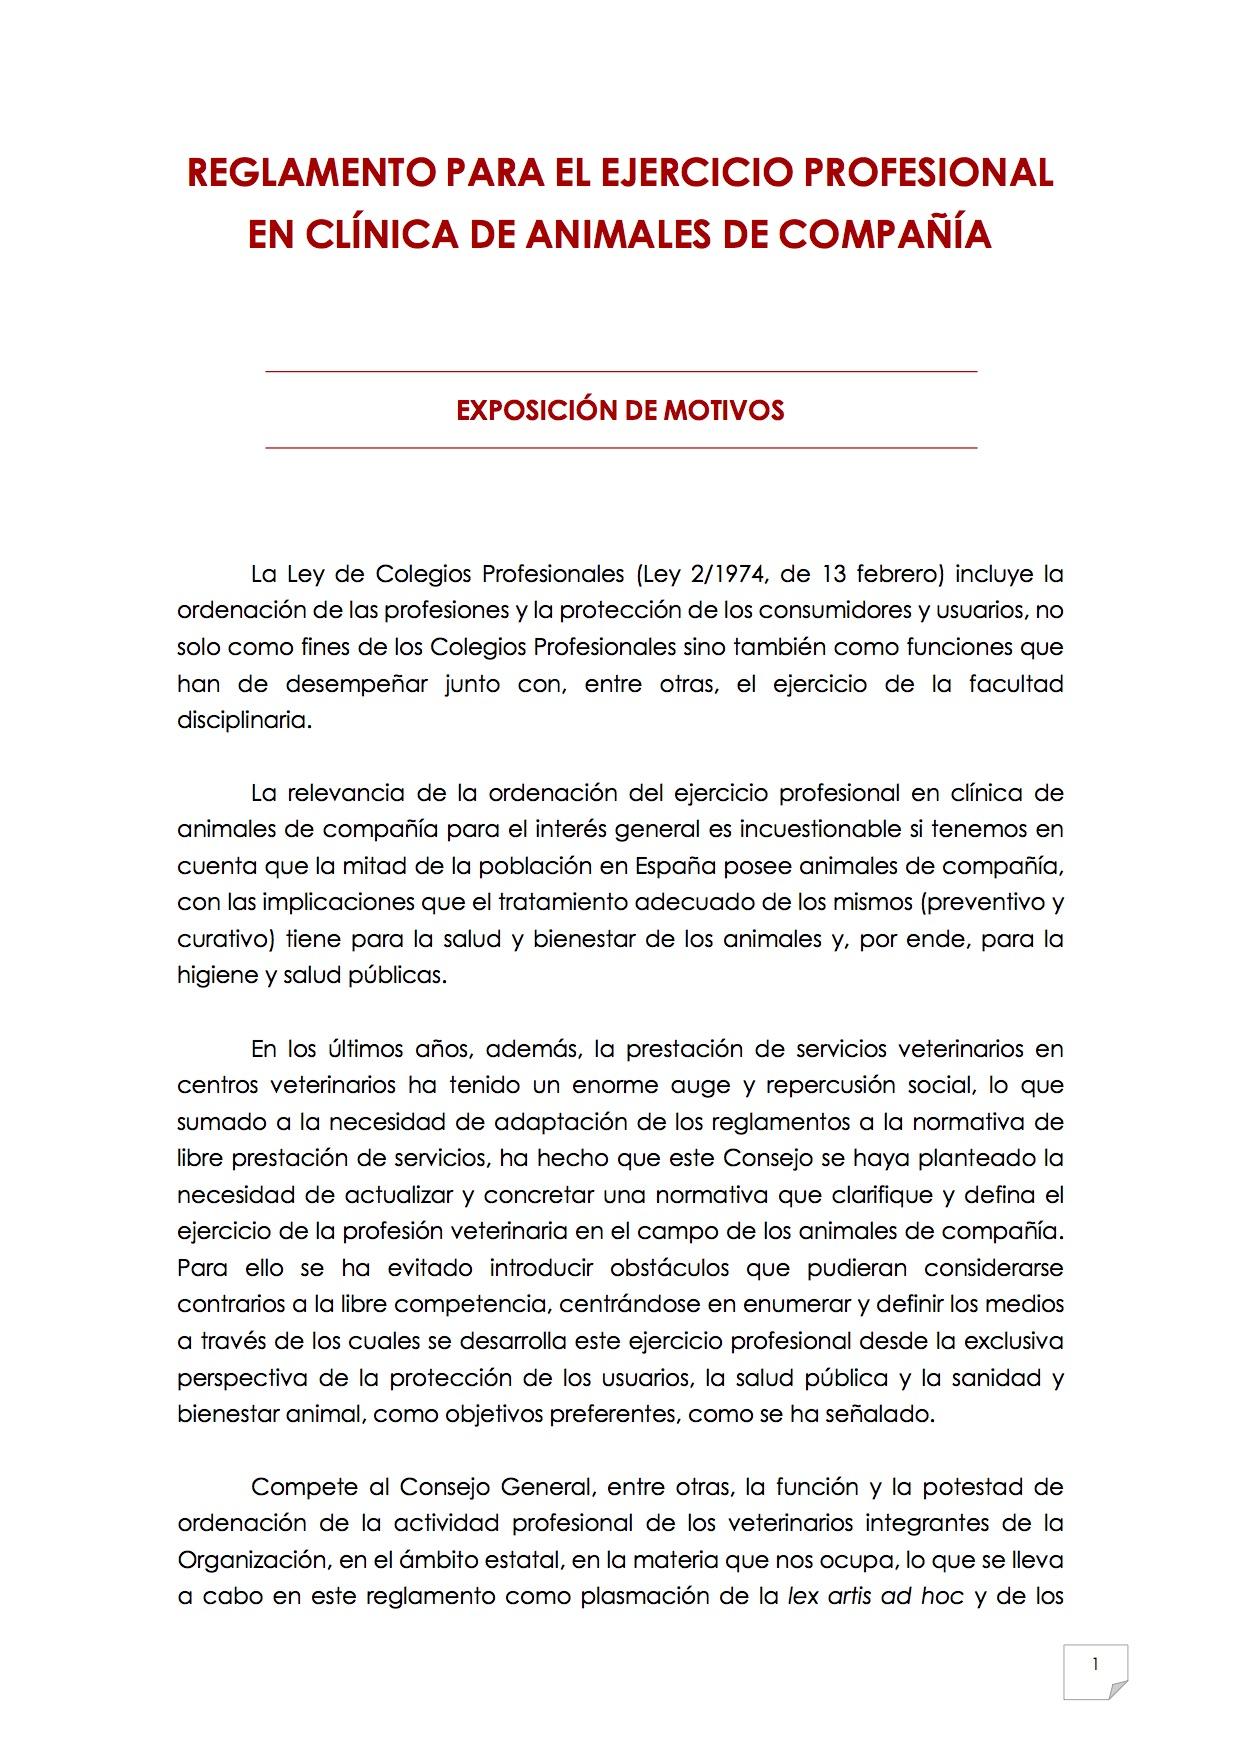 reglamento2_para_el_ejercicio_profesional_en_clinica_de_animales_de_compania